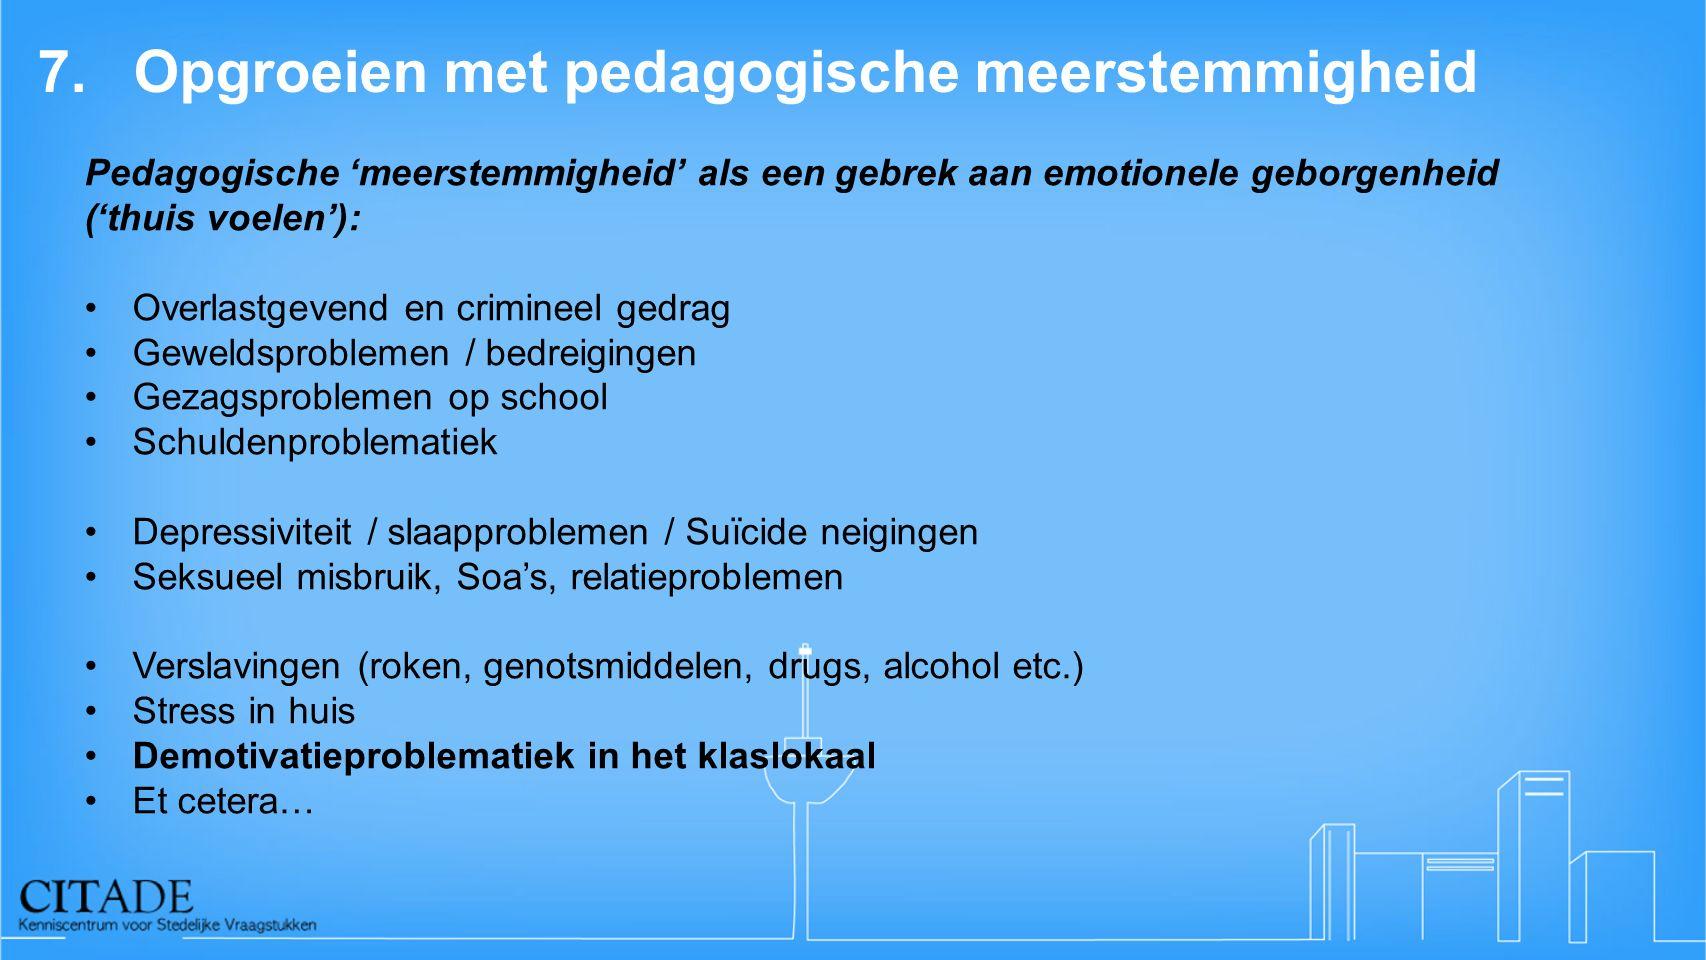 7. Opgroeien met pedagogische meerstemmigheid